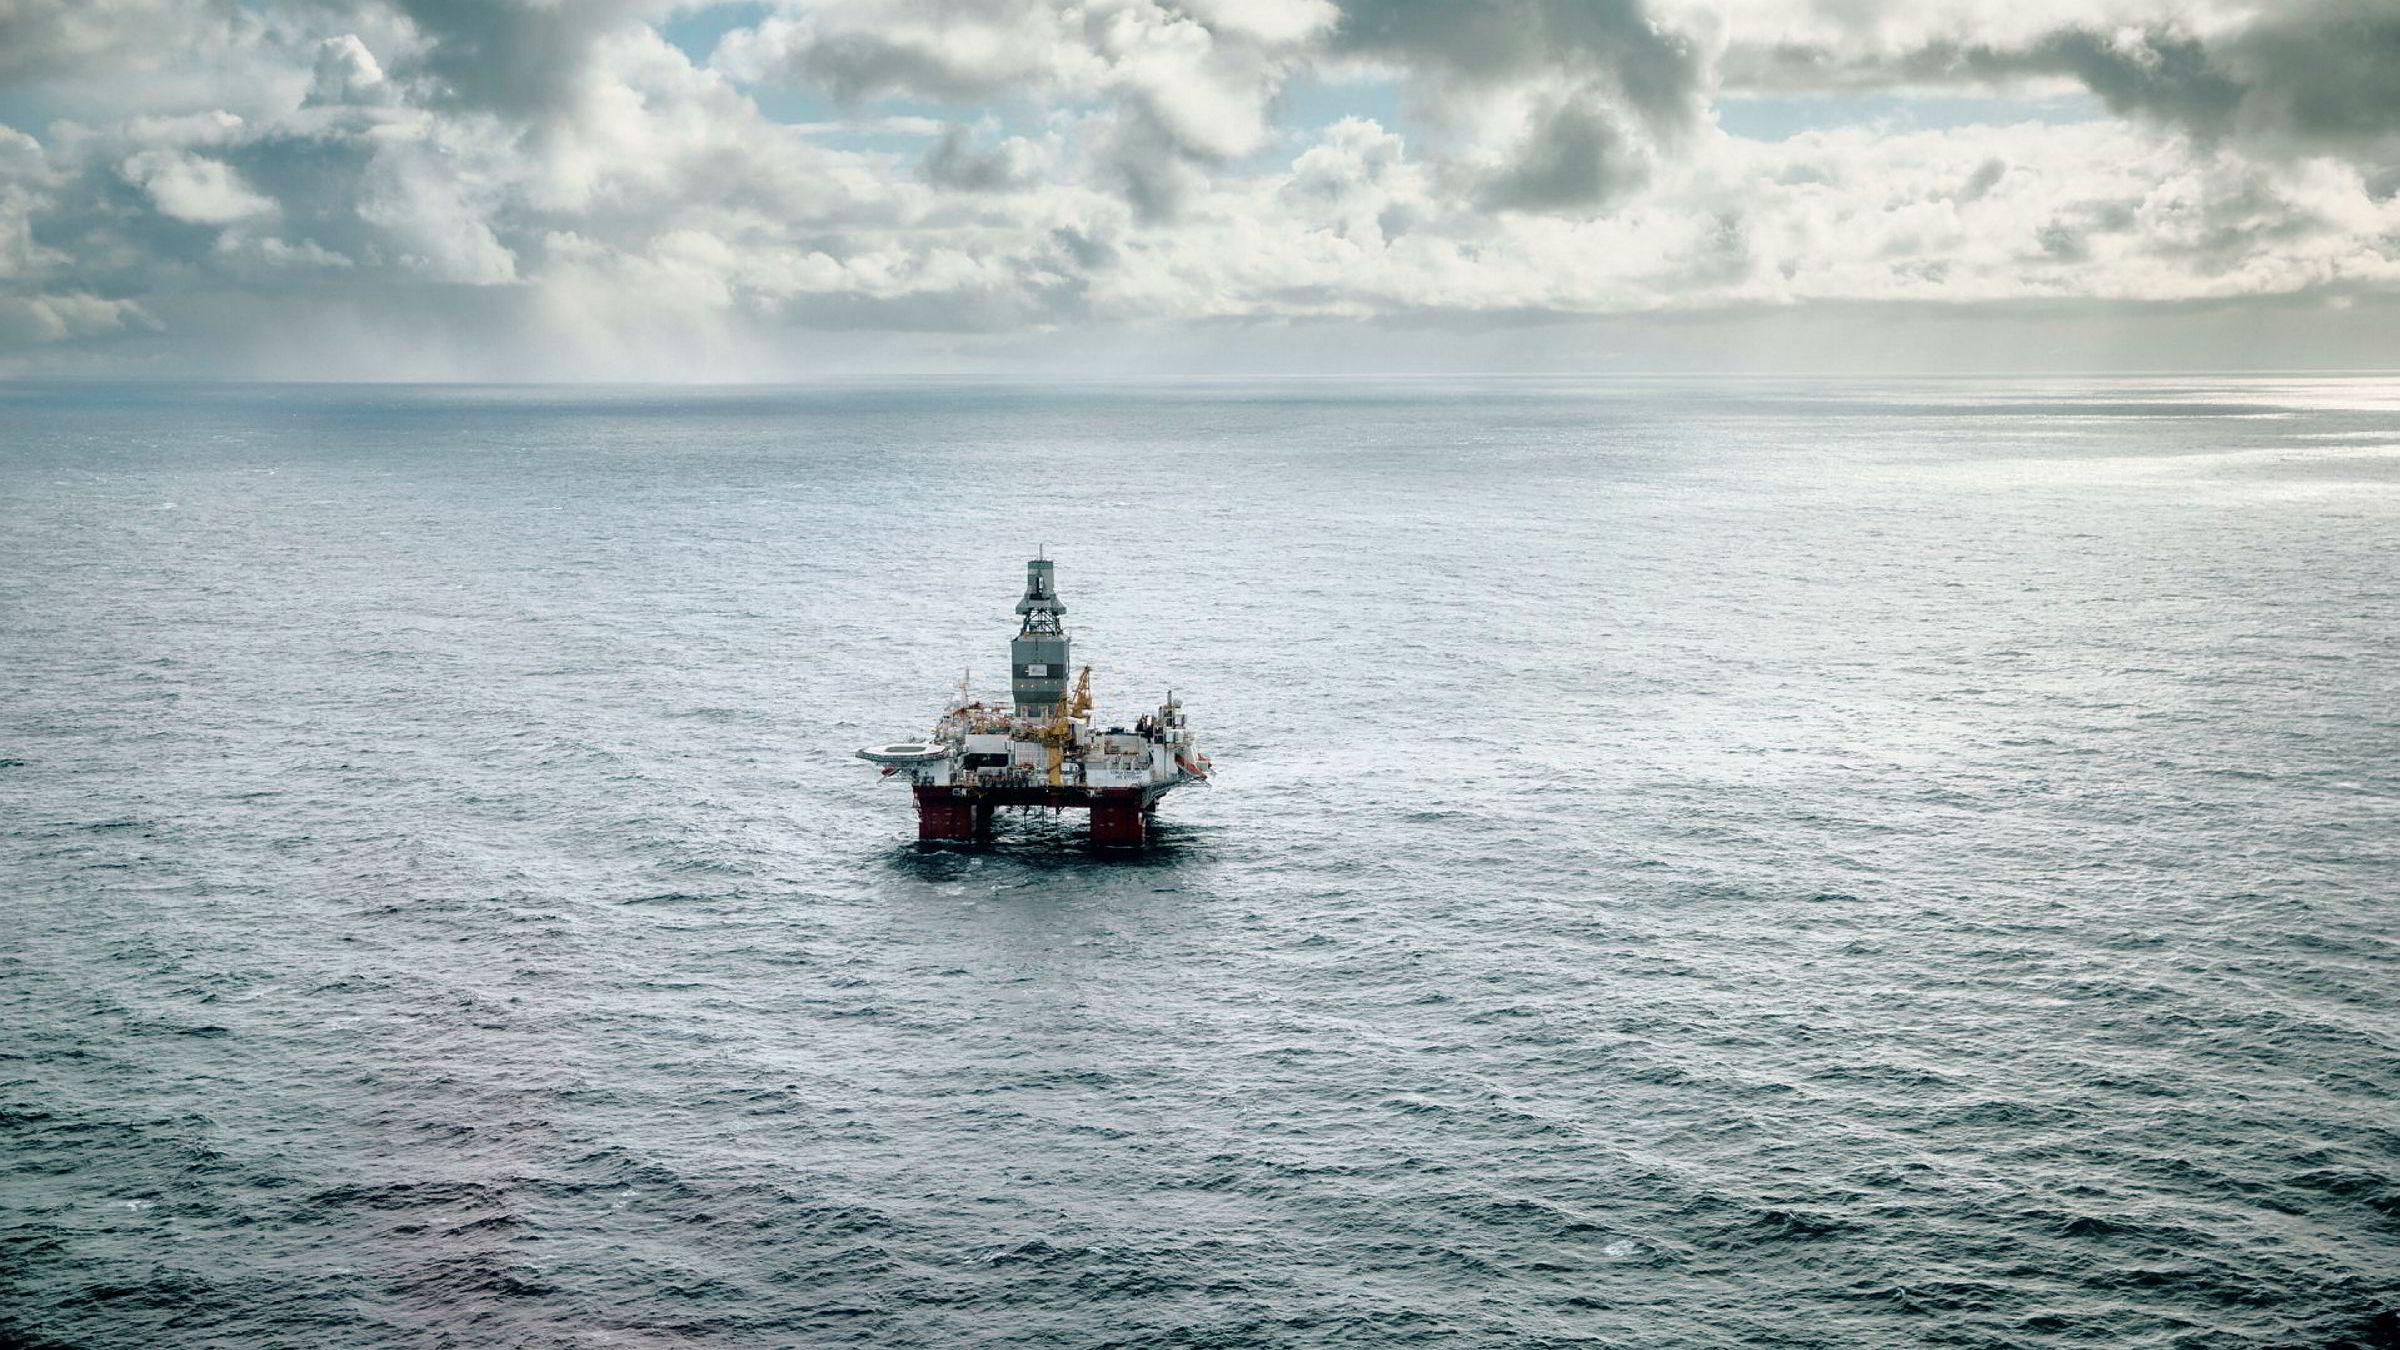 Boreriggen Songa Enabler borer på Snøhvit-feltet i Barentshavet. Russiskeide DEA Norge eier 30 prosent av lisensen på feltet, der Statoil er operatør med 50 prosent og Petoro har 20 prosent.